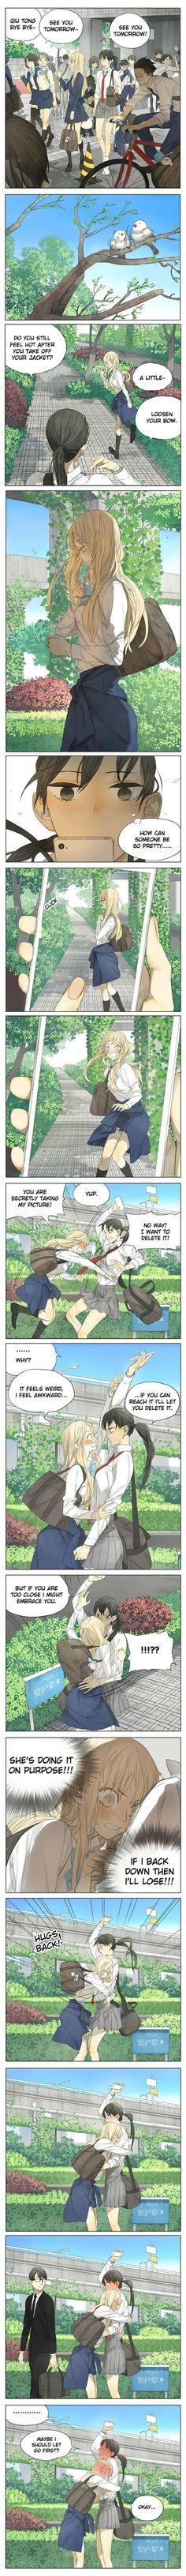 Tamen Di Gushi 98 http://mangafox.me/manga/tamen_de_gushi/c098/1.html